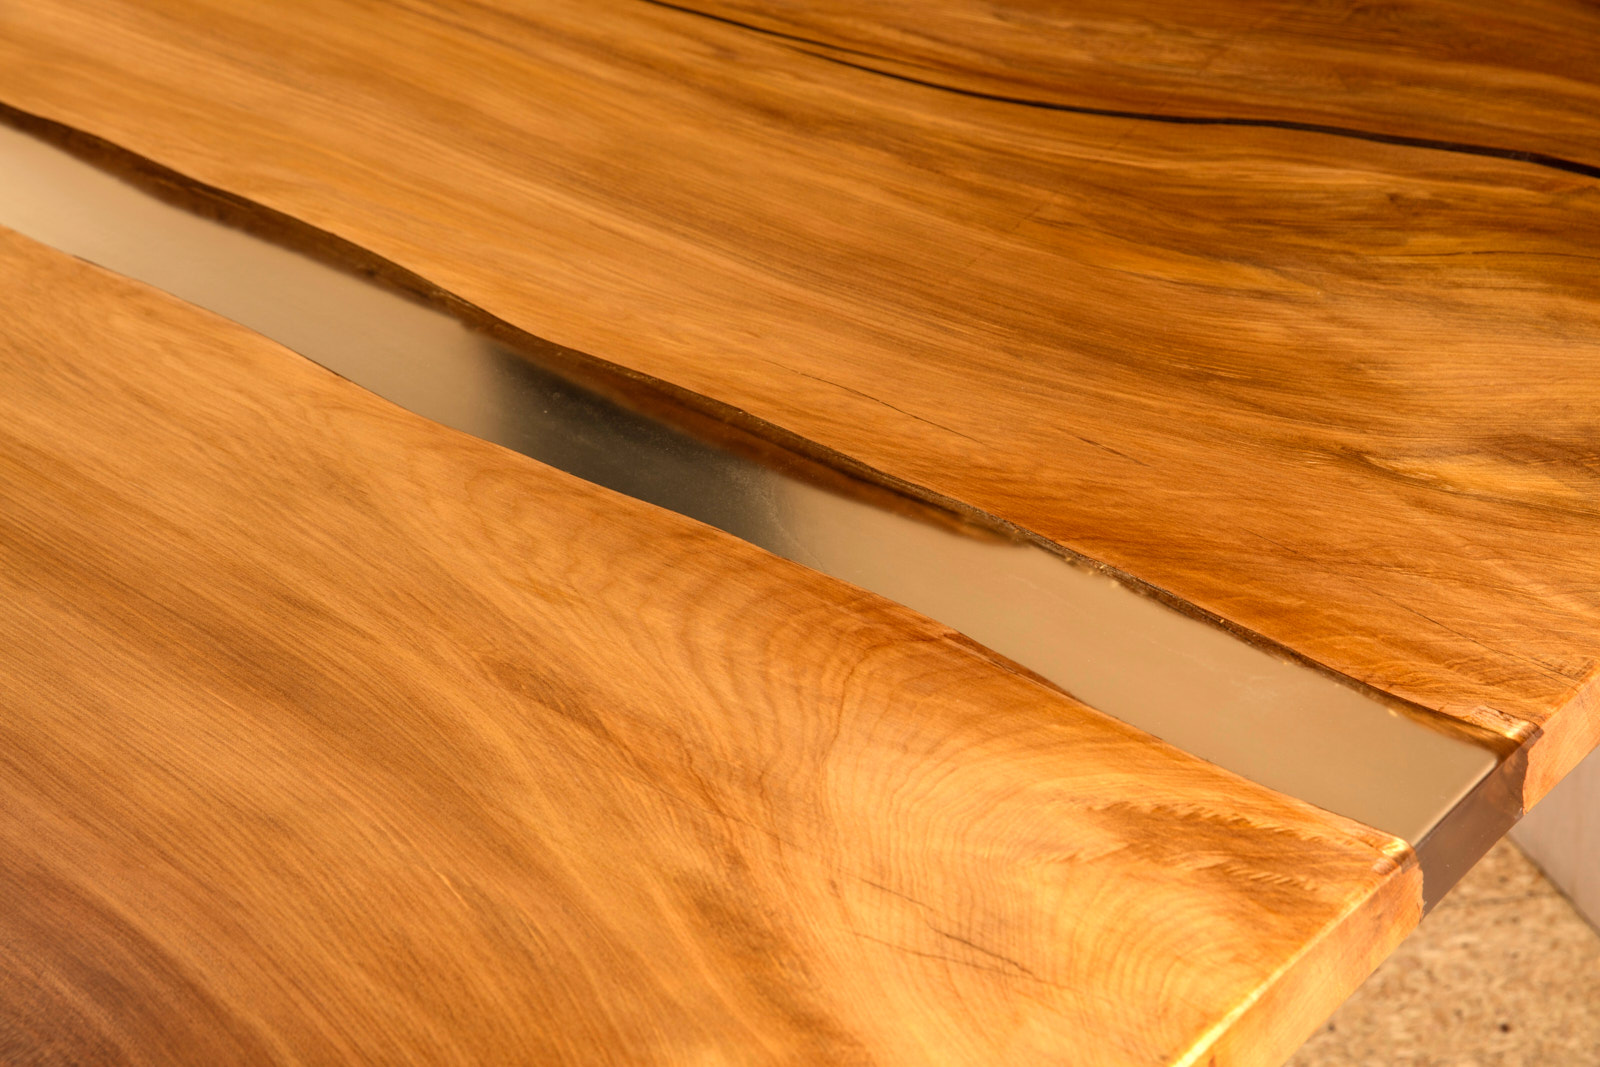 Großer einzigartiger Holztisch mit außergewöhnlichen Naturmerkmalen, individuelle Kauri Tischplatte mit Harzfüllung und Flusslauf als River Table